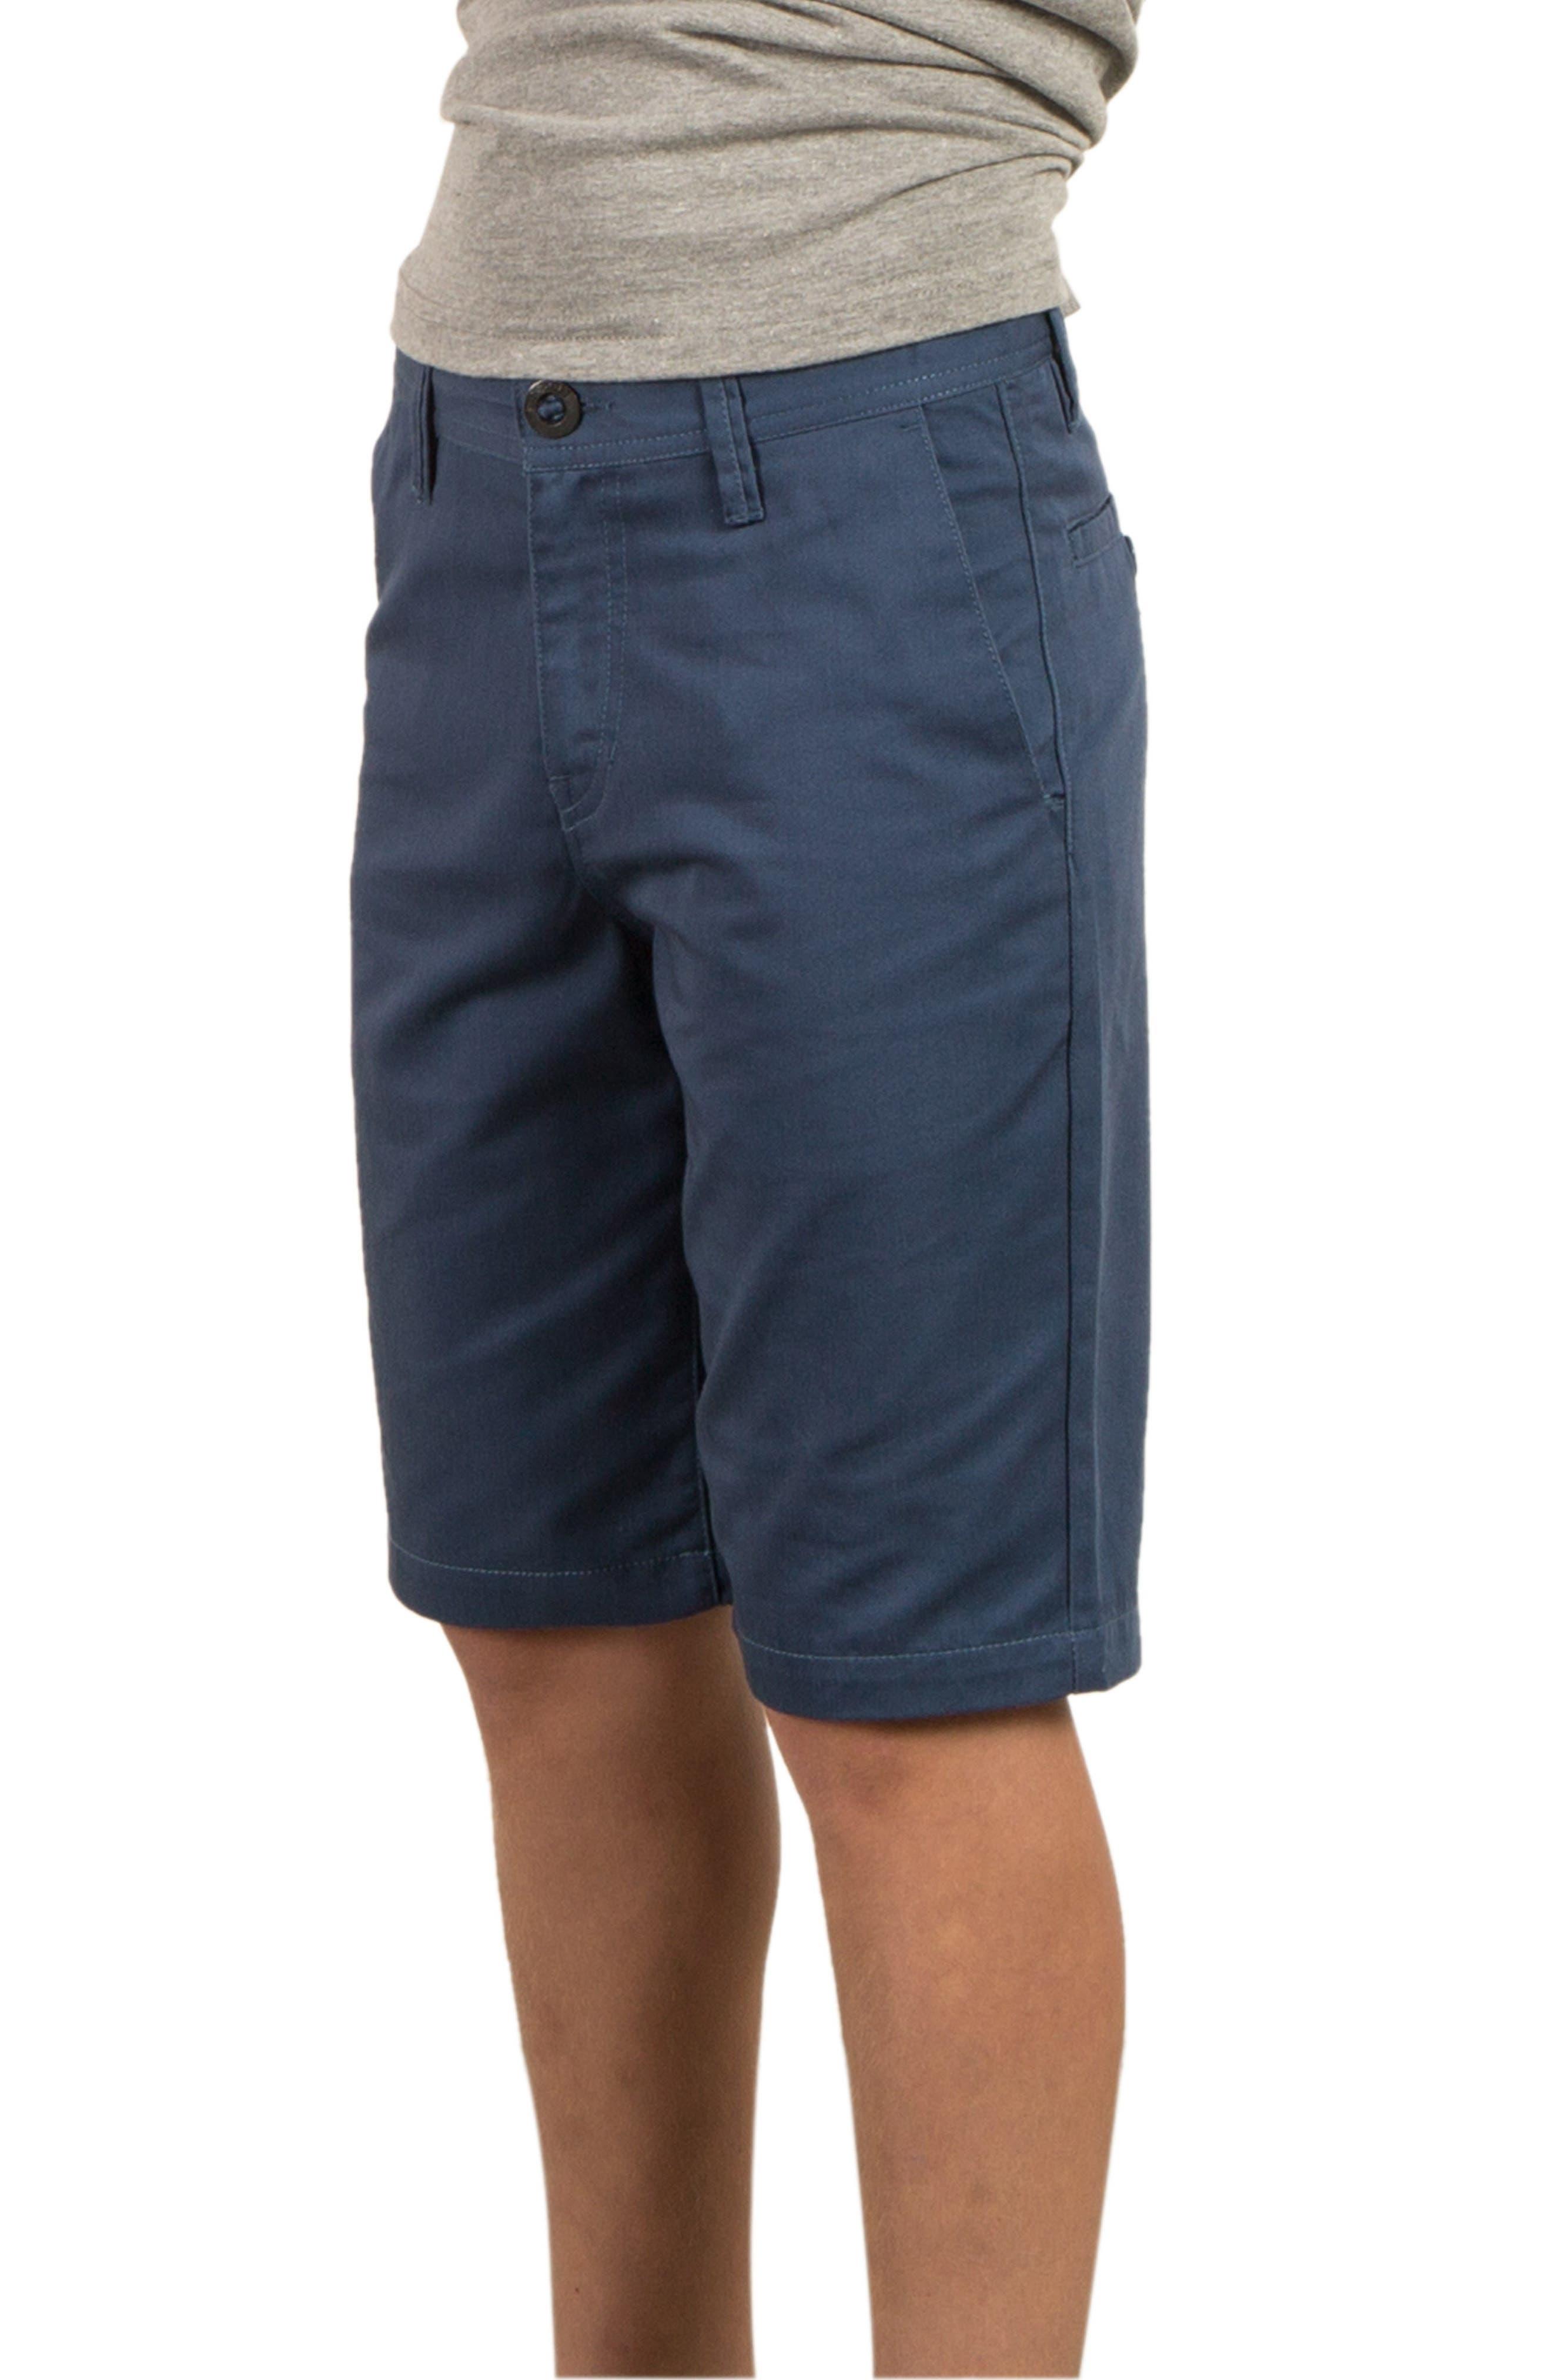 Chino Shorts,                             Main thumbnail 1, color,                             Blue Smoke